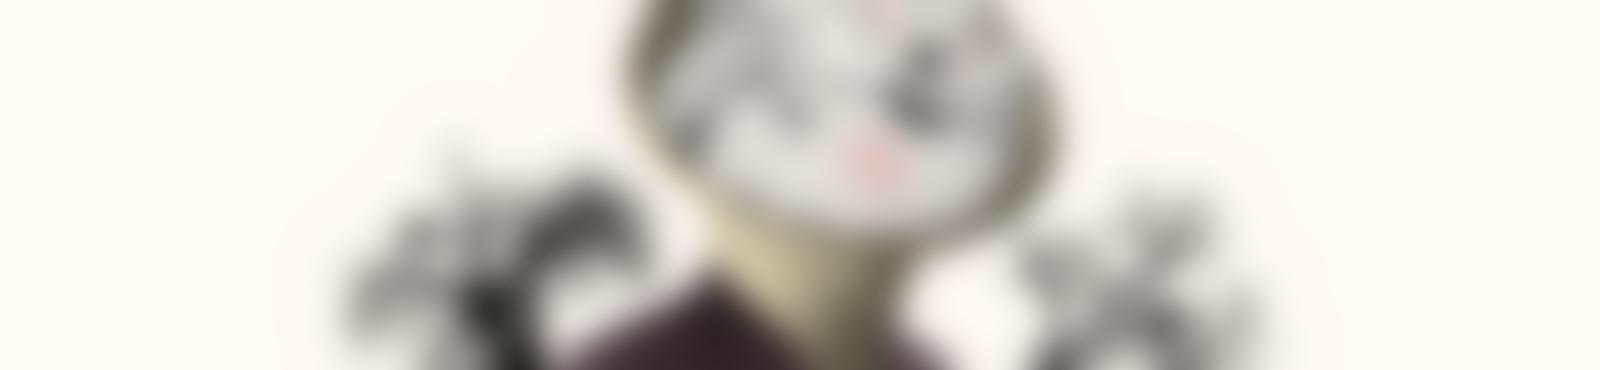 Blurred e561c683 fded 403a 9002 ac3a4cc98609